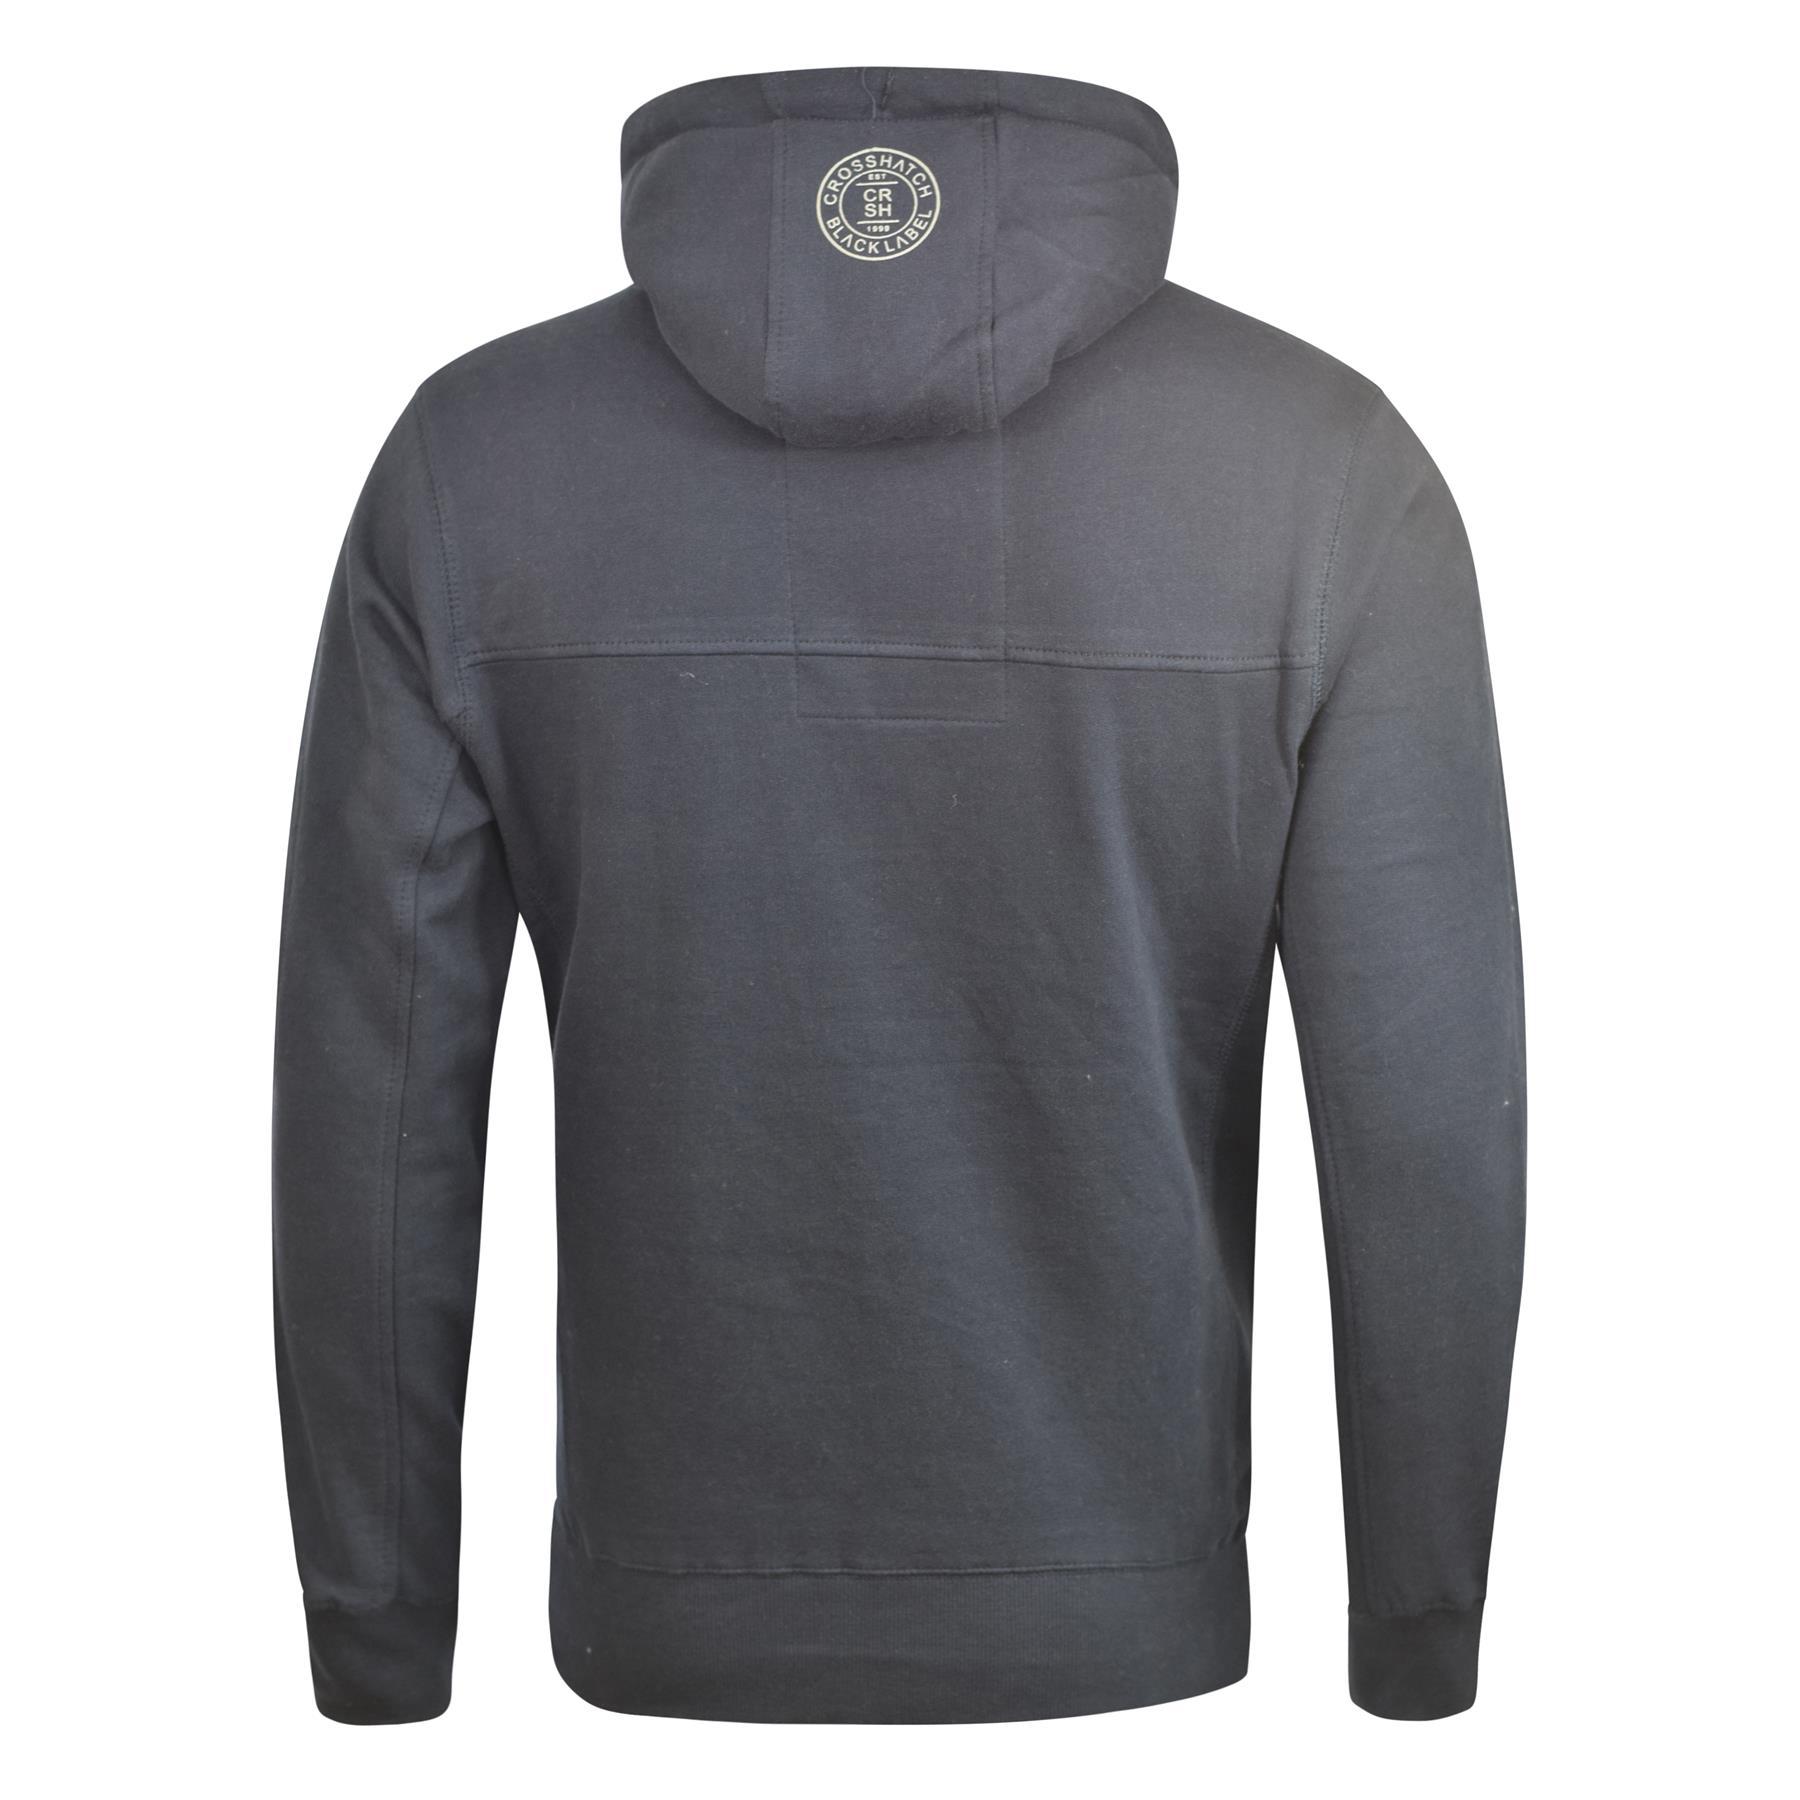 Mens-Hoodie-Crosshatch-Cravy-Sweatshirt-Hooded-Top thumbnail 9